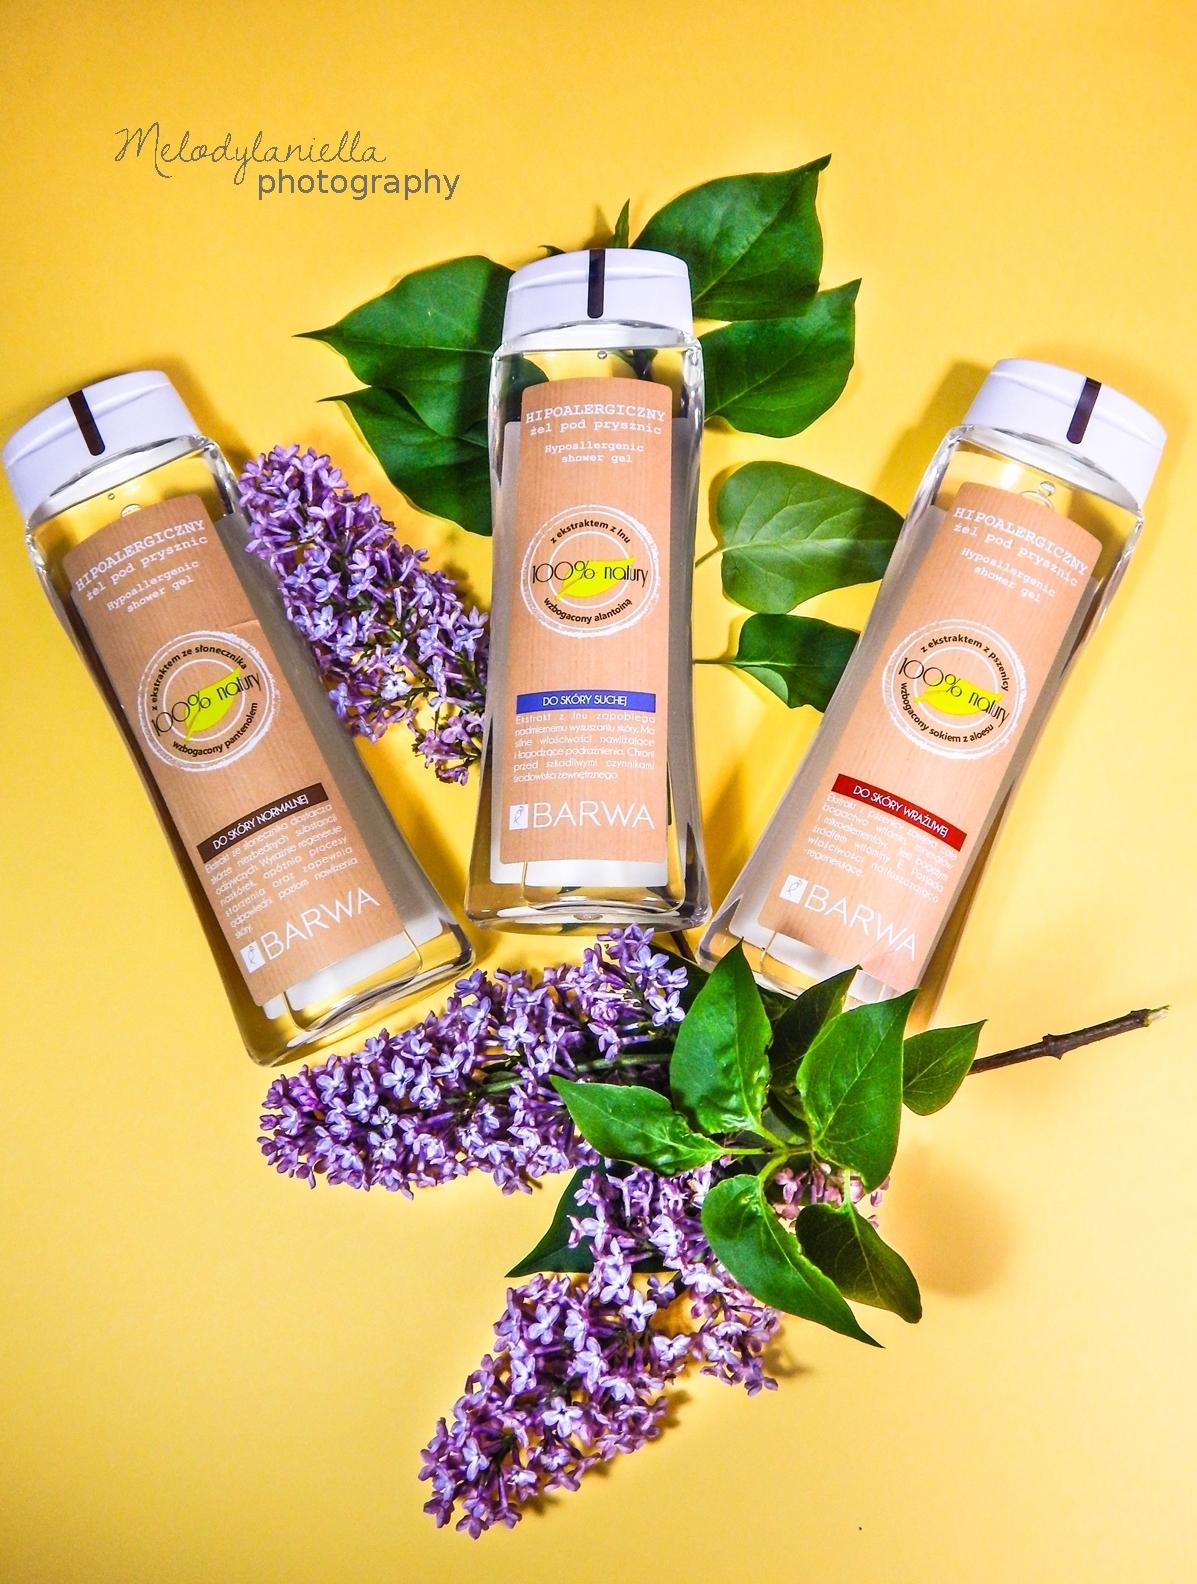 barwa żele żel pod prysznic żel do skóry suchej do skóry normalnej do skóry wrażliwej sto procent natury naturalne kosmetyki